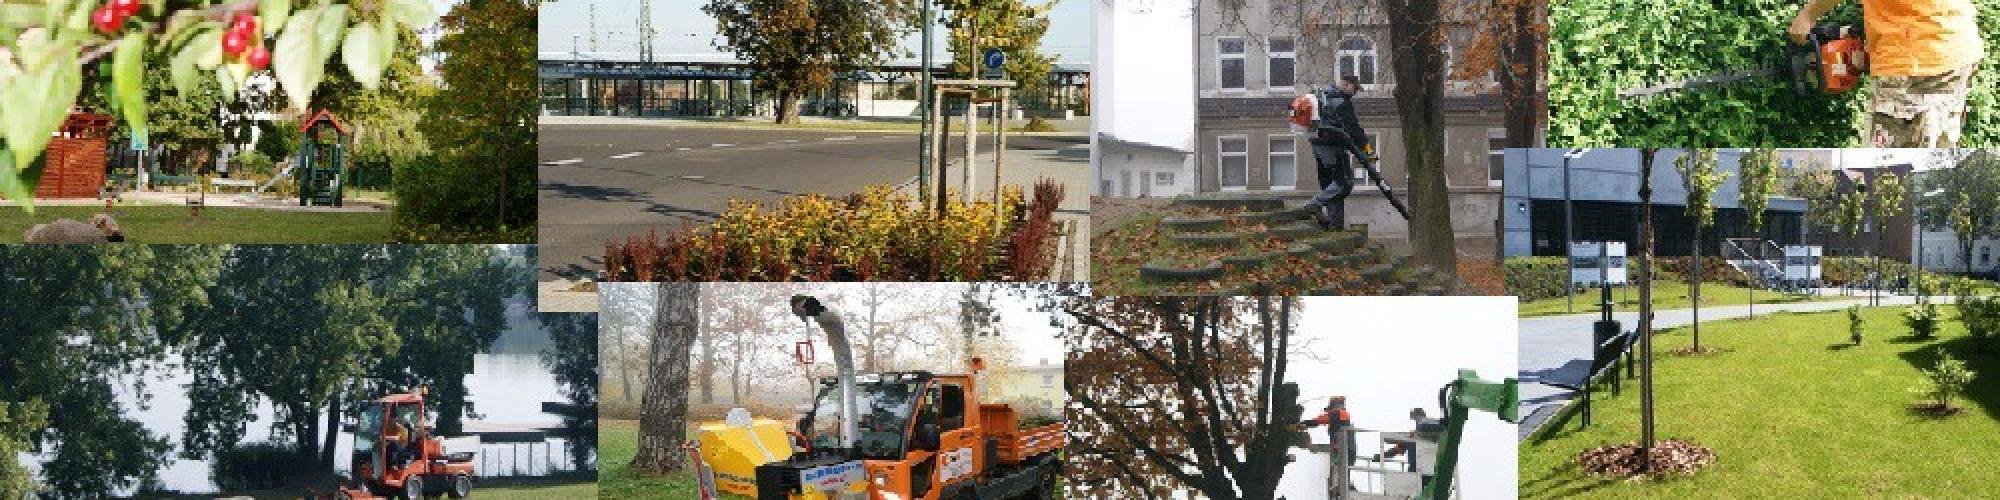 Wohnservice Markranstädt GmbH